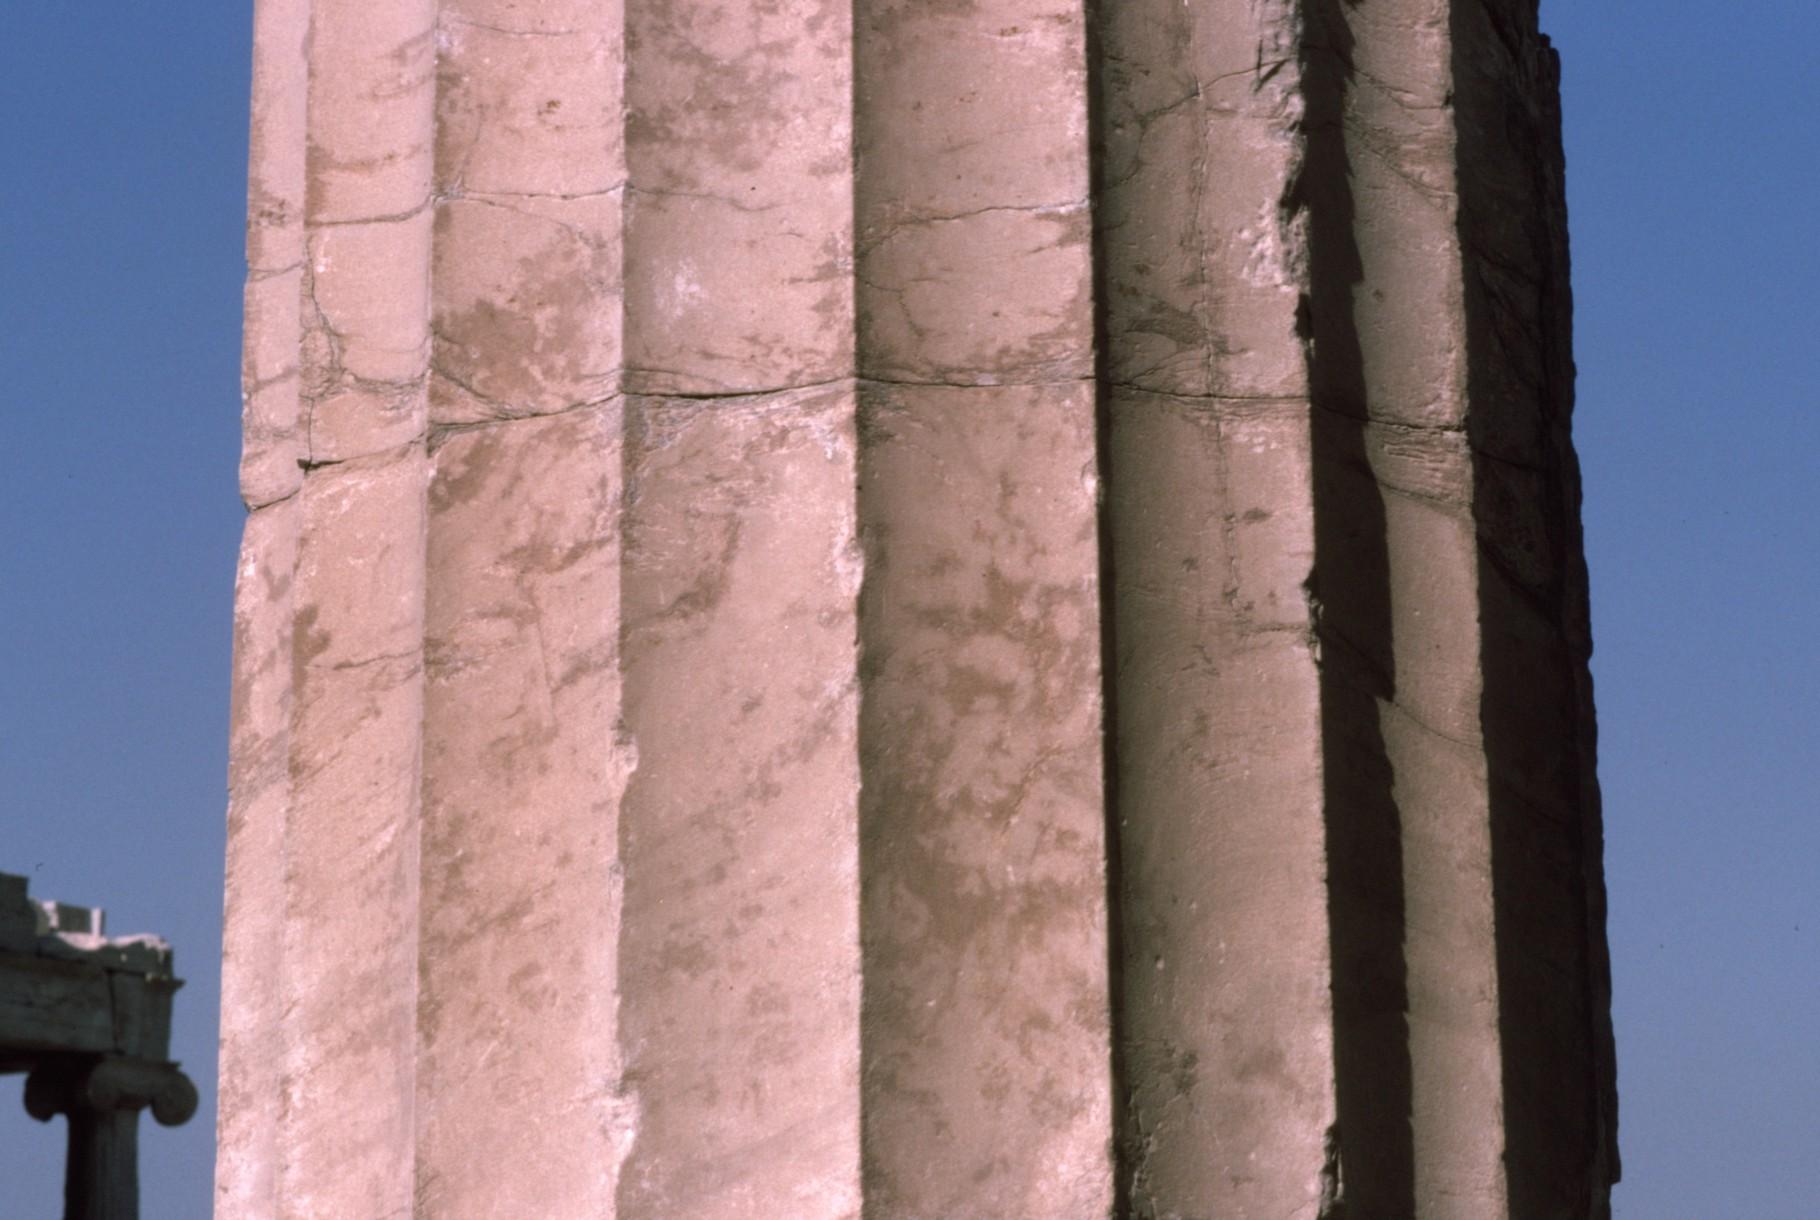 エジプトと同じく継ぎ目のある柱